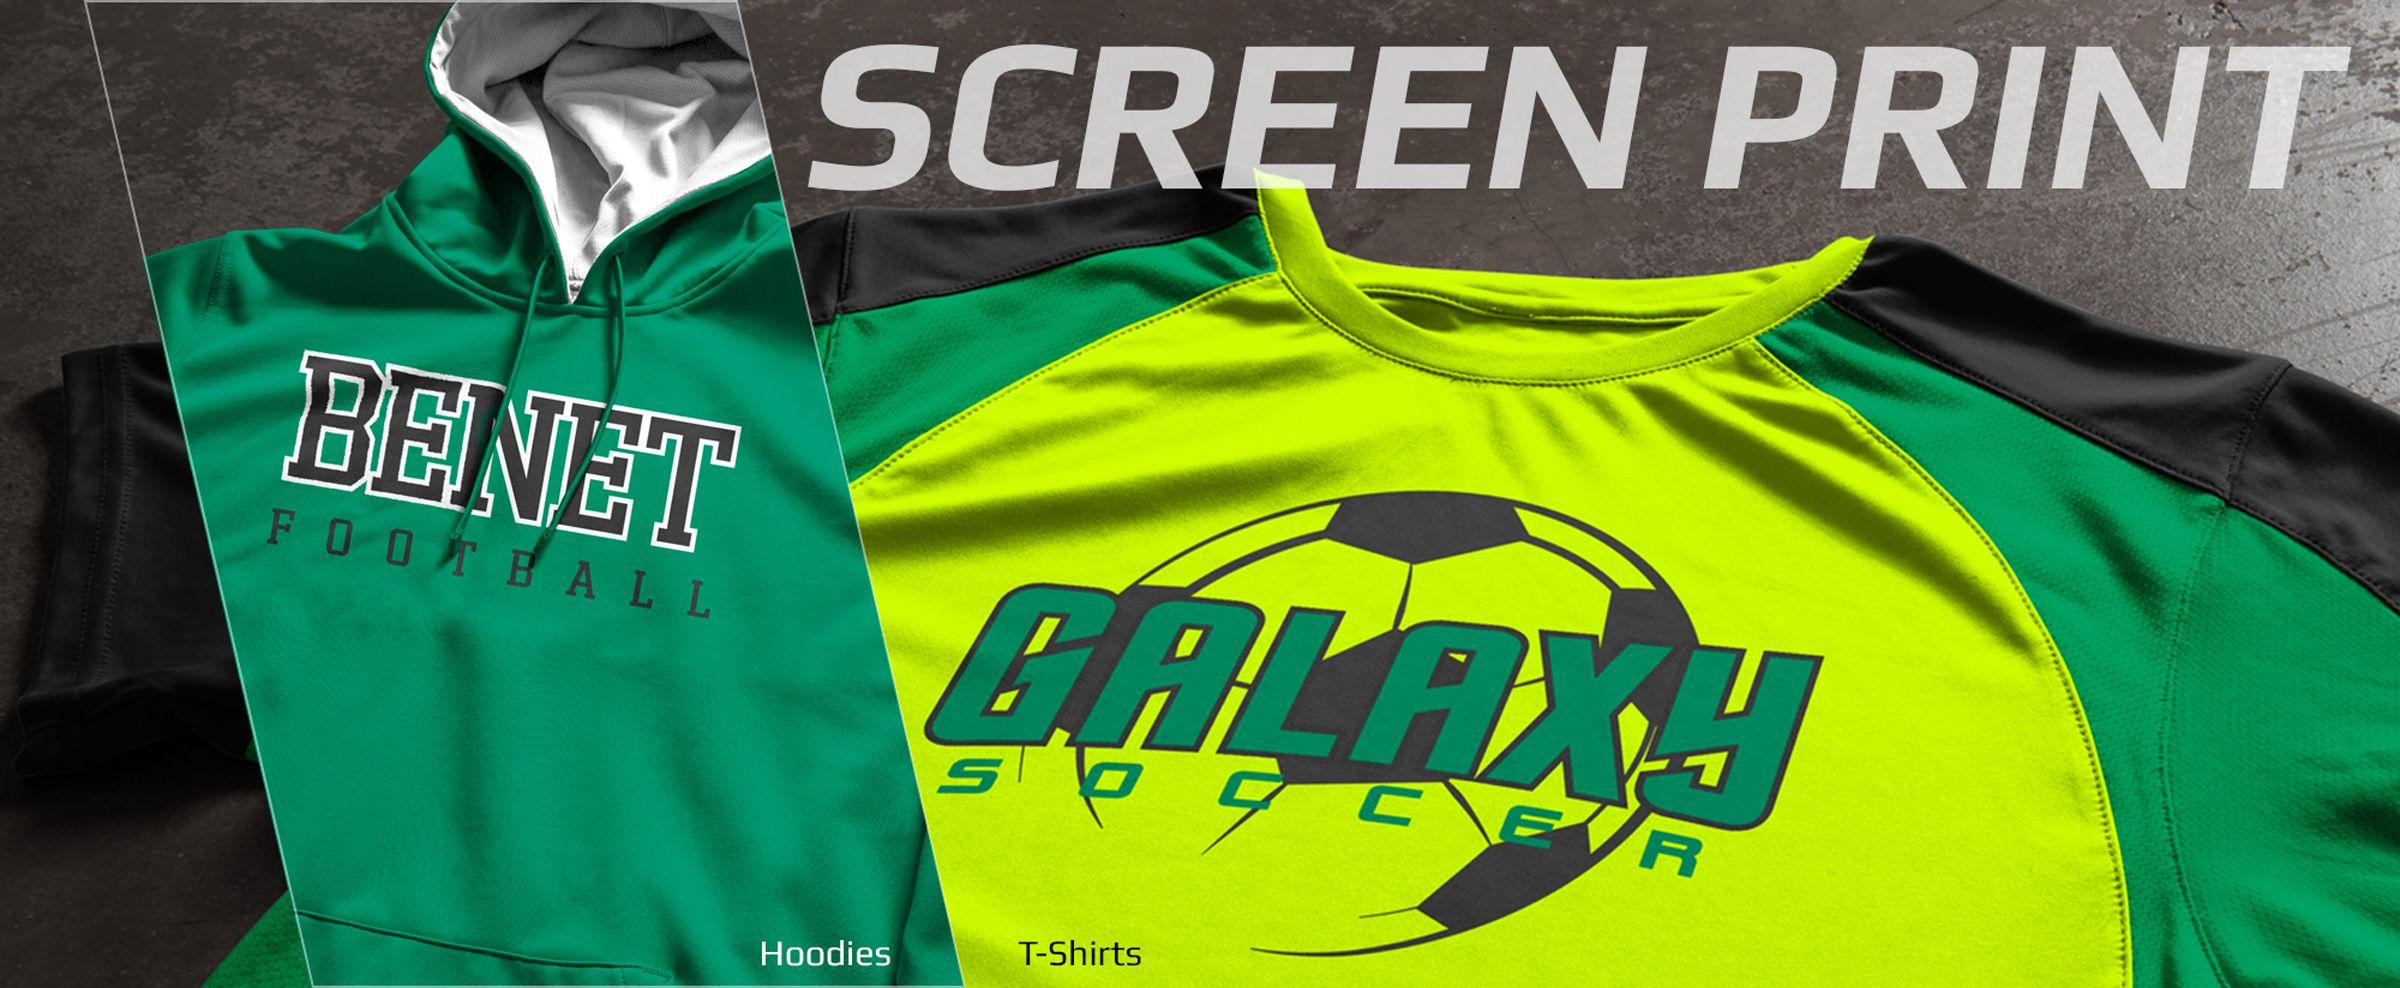 Boombah Custom Screen Print Spiritwear